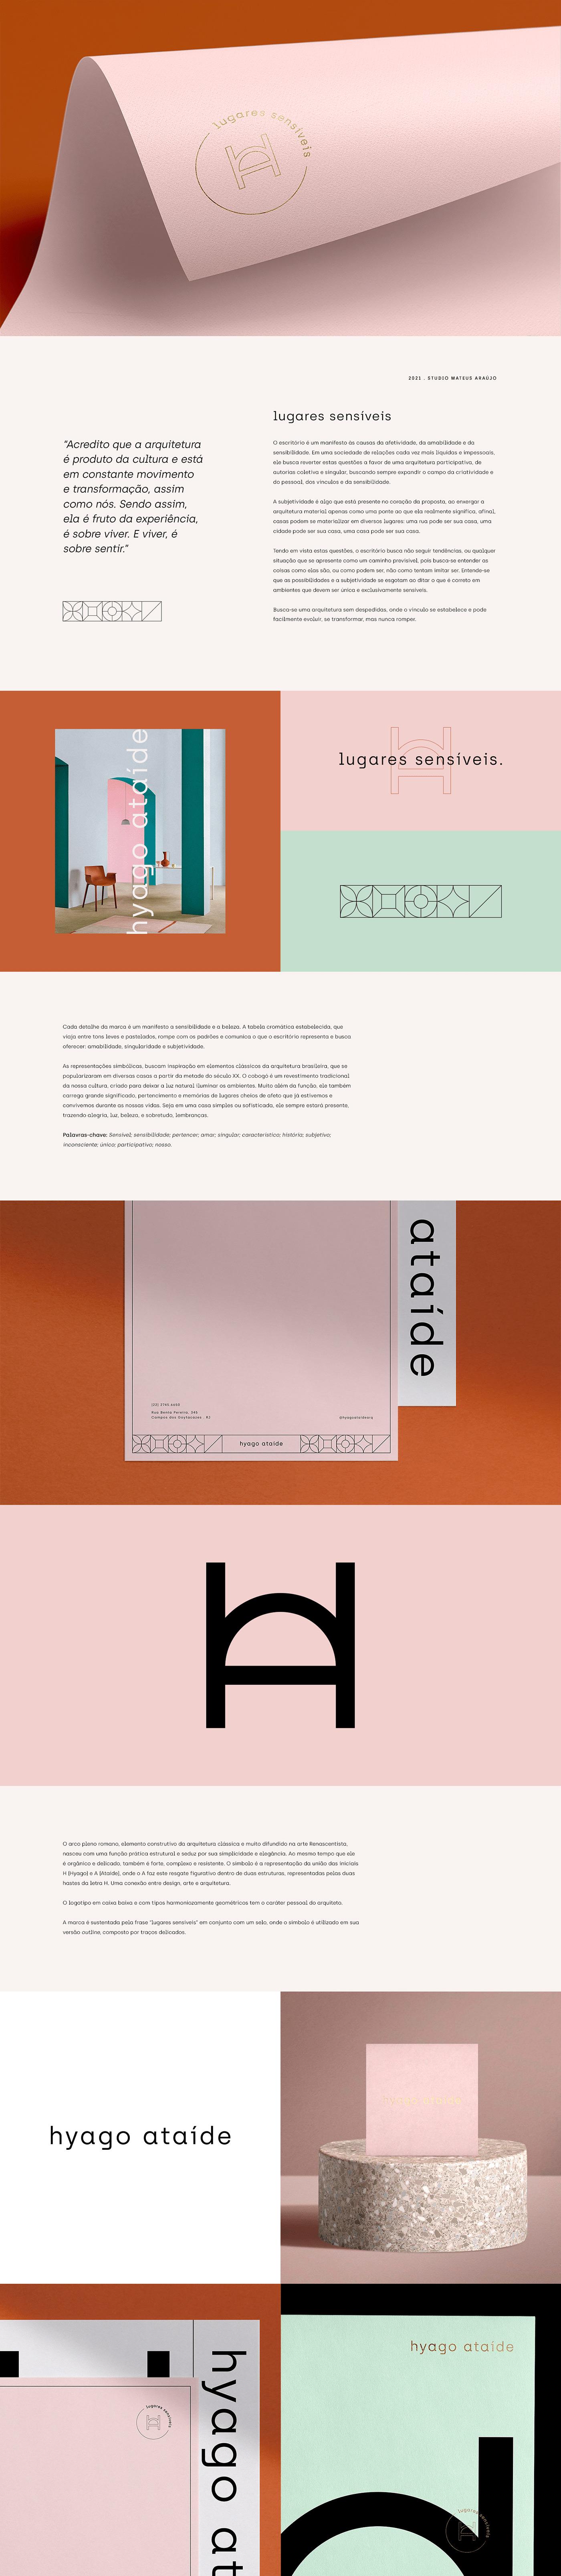 Hyago Ataíde branding by Mateus Araújo